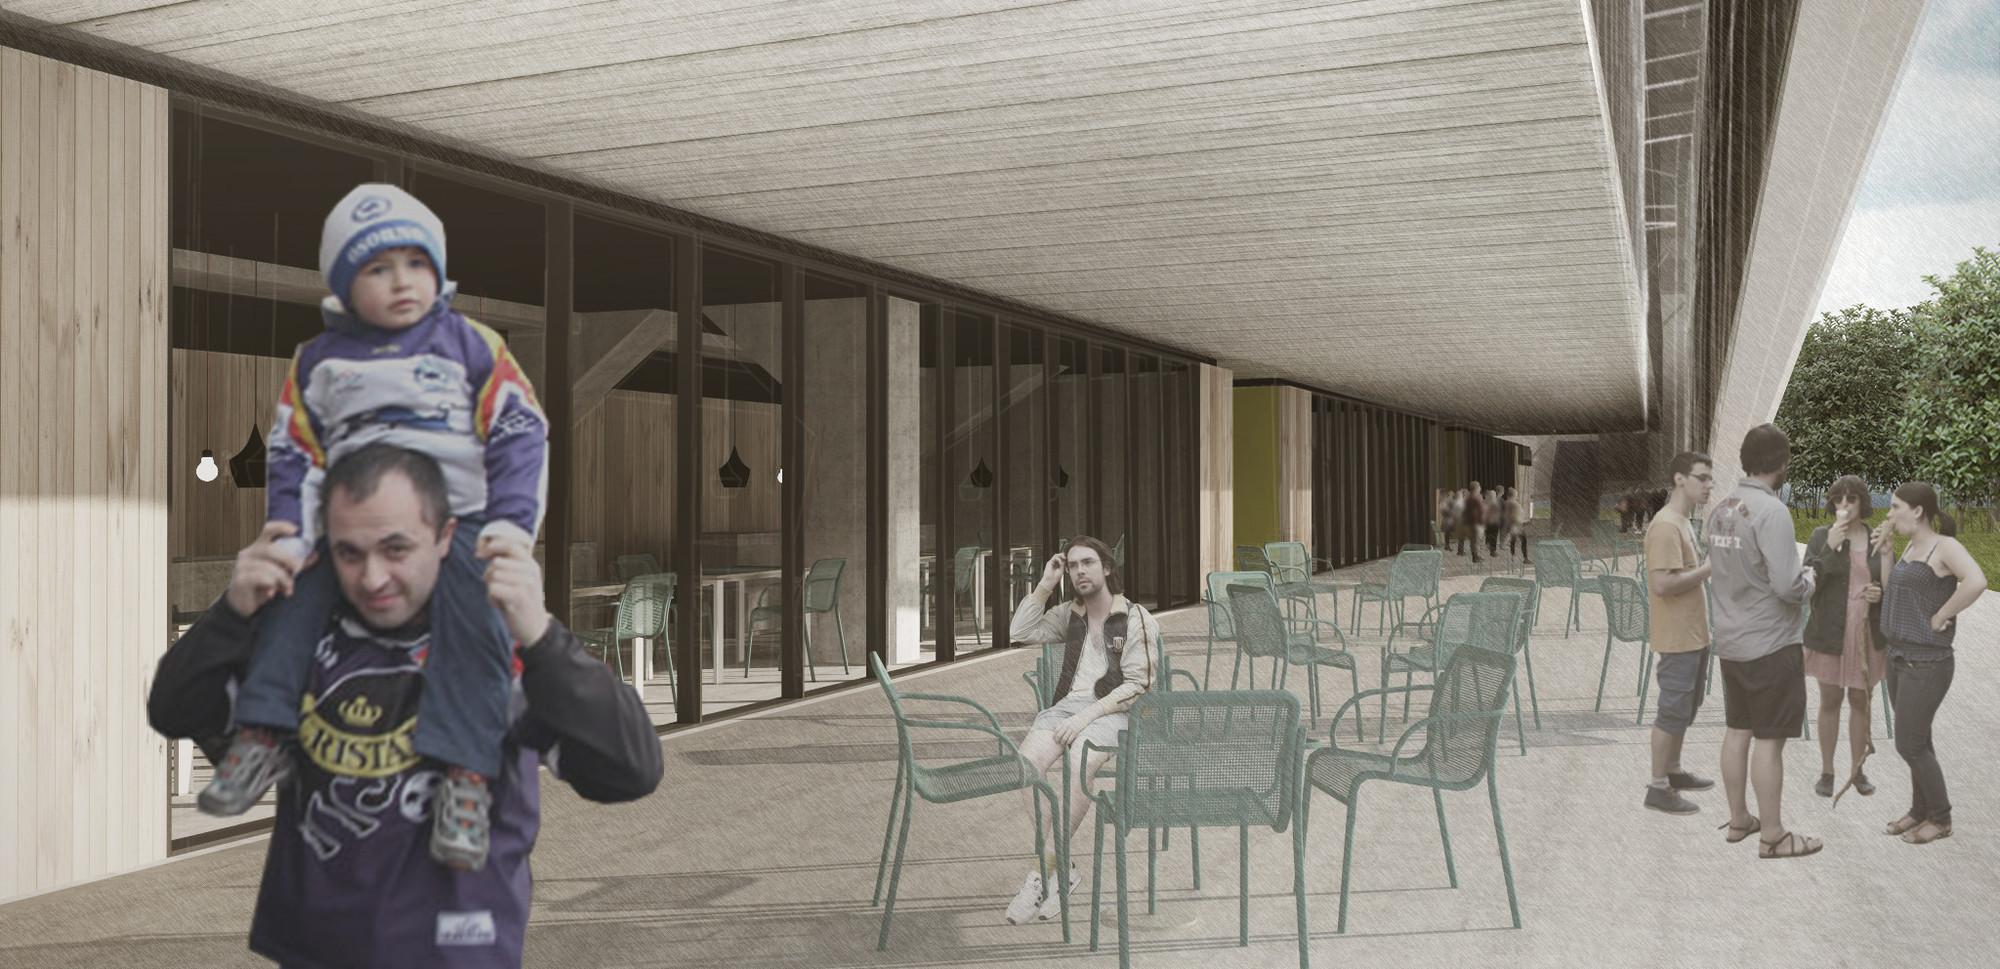 Cafetería. Image Cortesia de Rojas Böttner + Gajardo + Soto